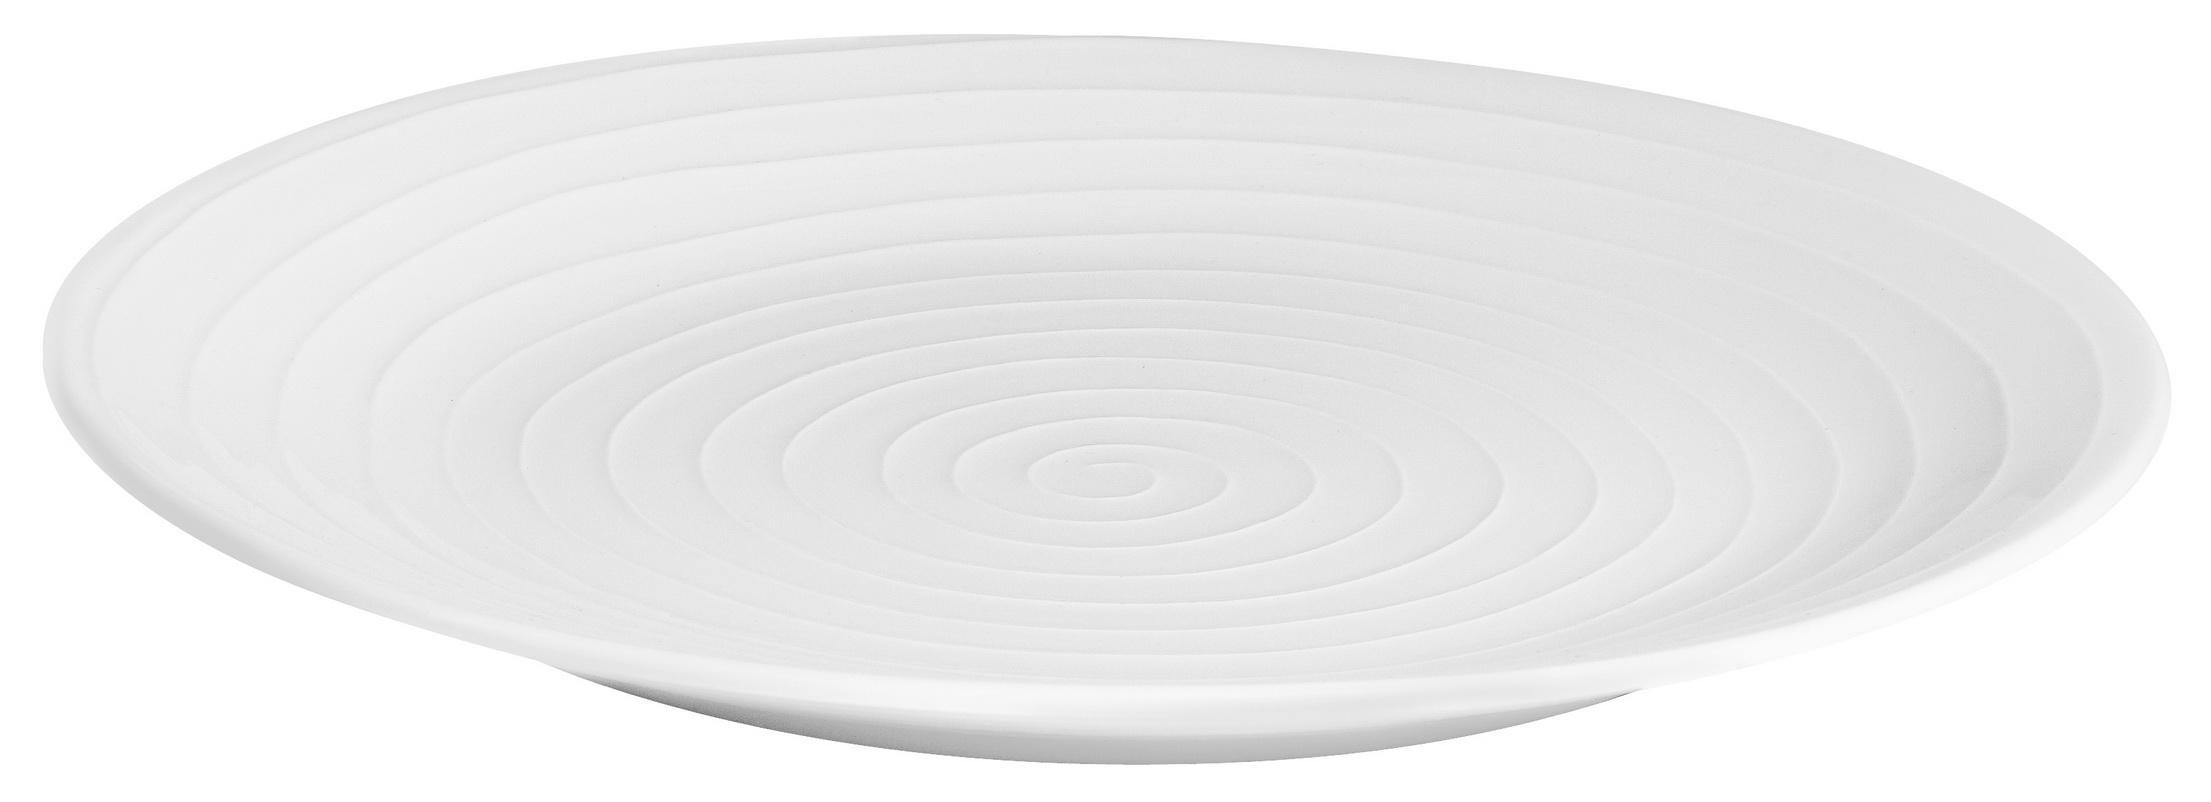 Design House Stockholm Blond Plate, Stripes. 22 cm 2stk